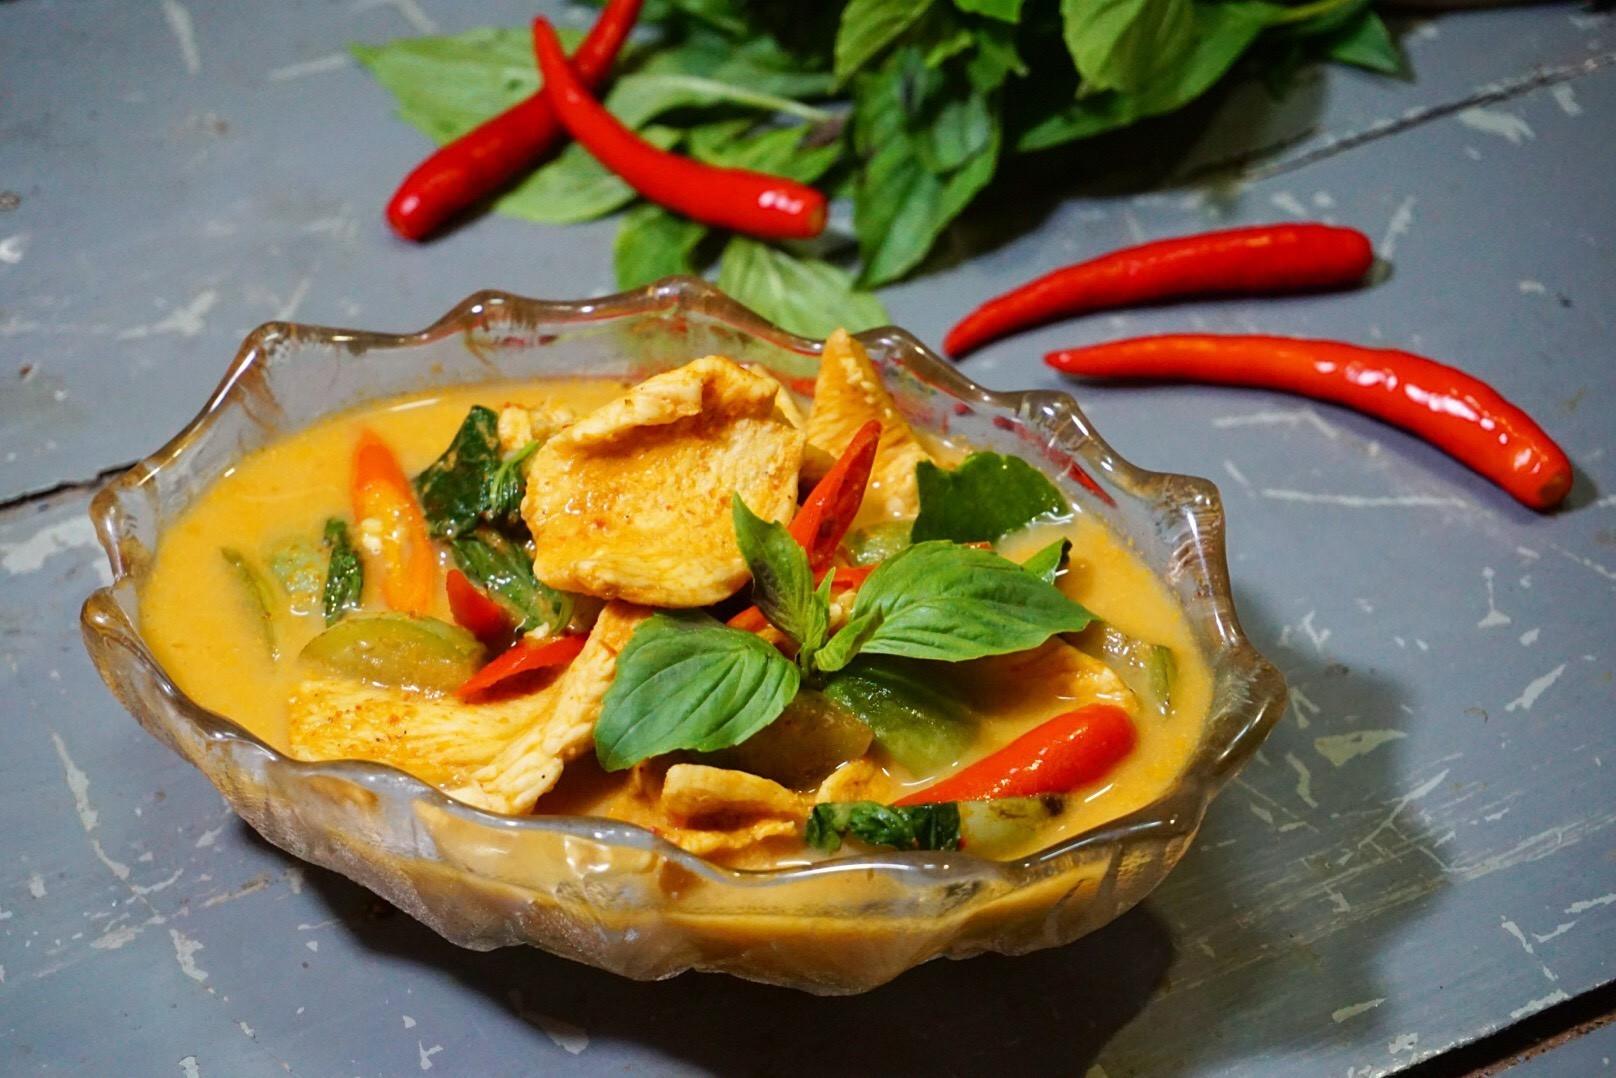 """วิธีทำ """"แกงเผ็ดอกไก่นมถั่วเหลือง"""" เมนูอาหารคลีน เอาใจนักกล้าม! - Wongnai"""